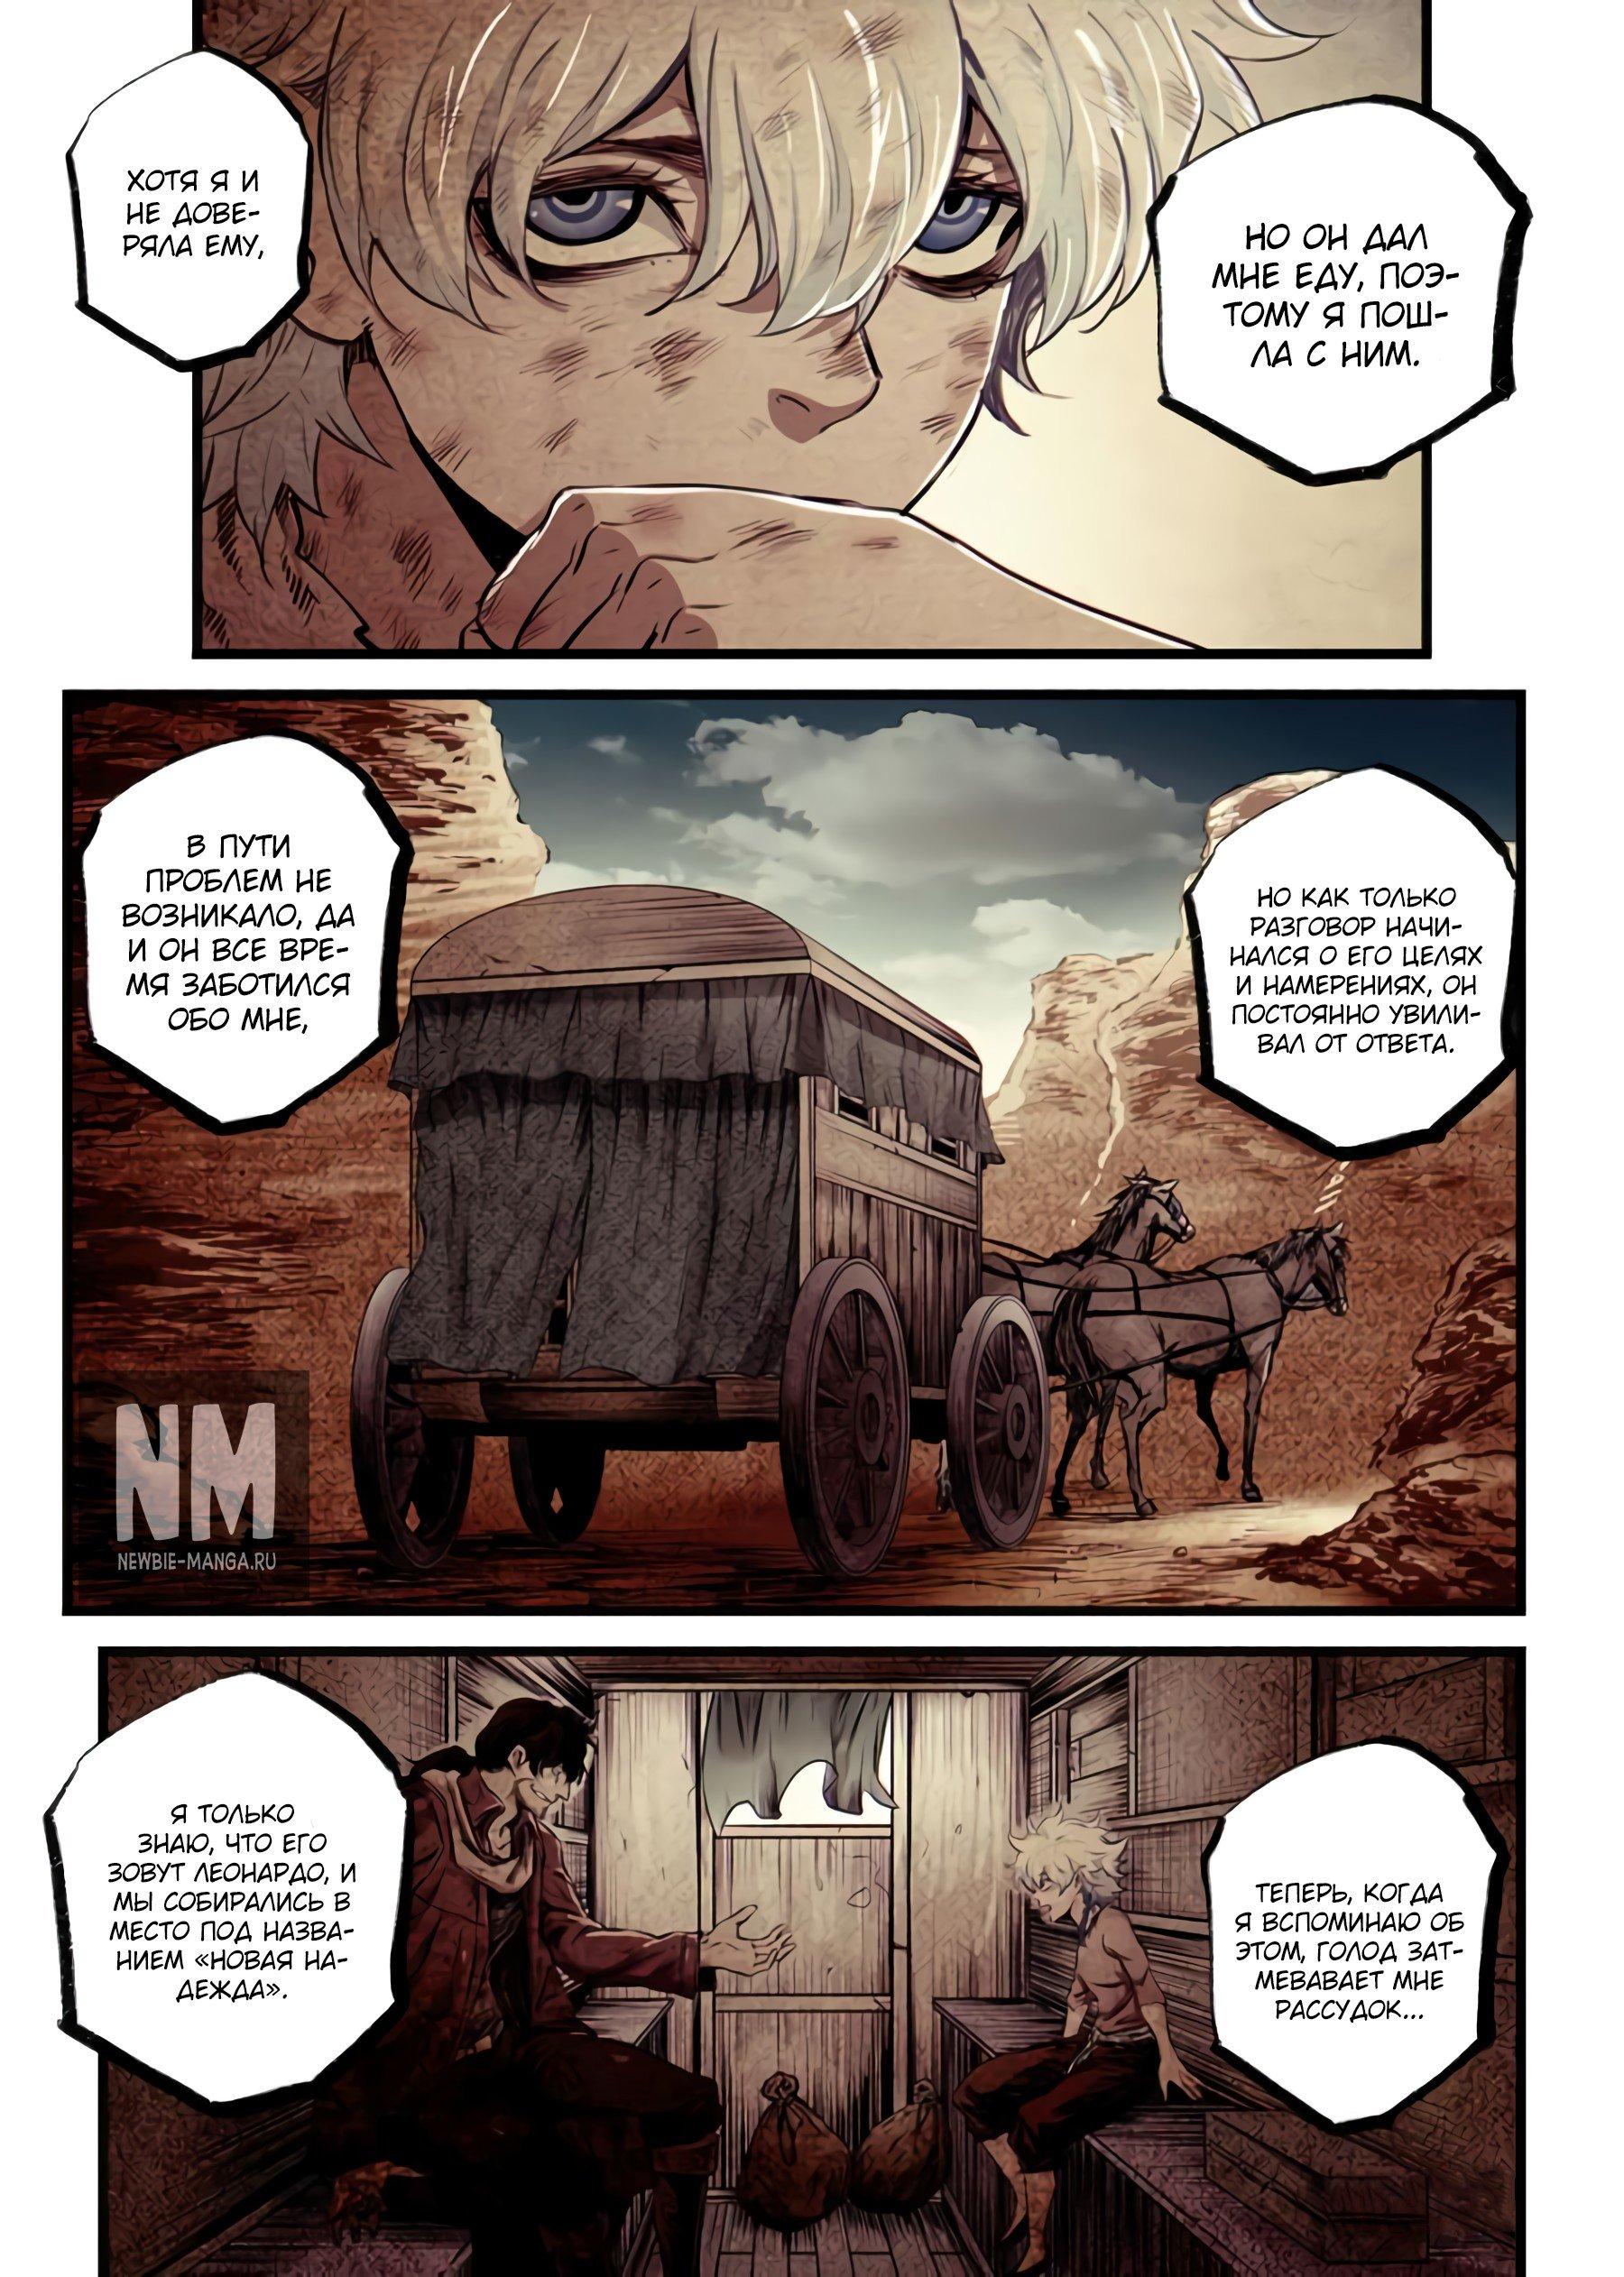 Манга Постапокалиптические Путешествие - Глава 30 Страница 1